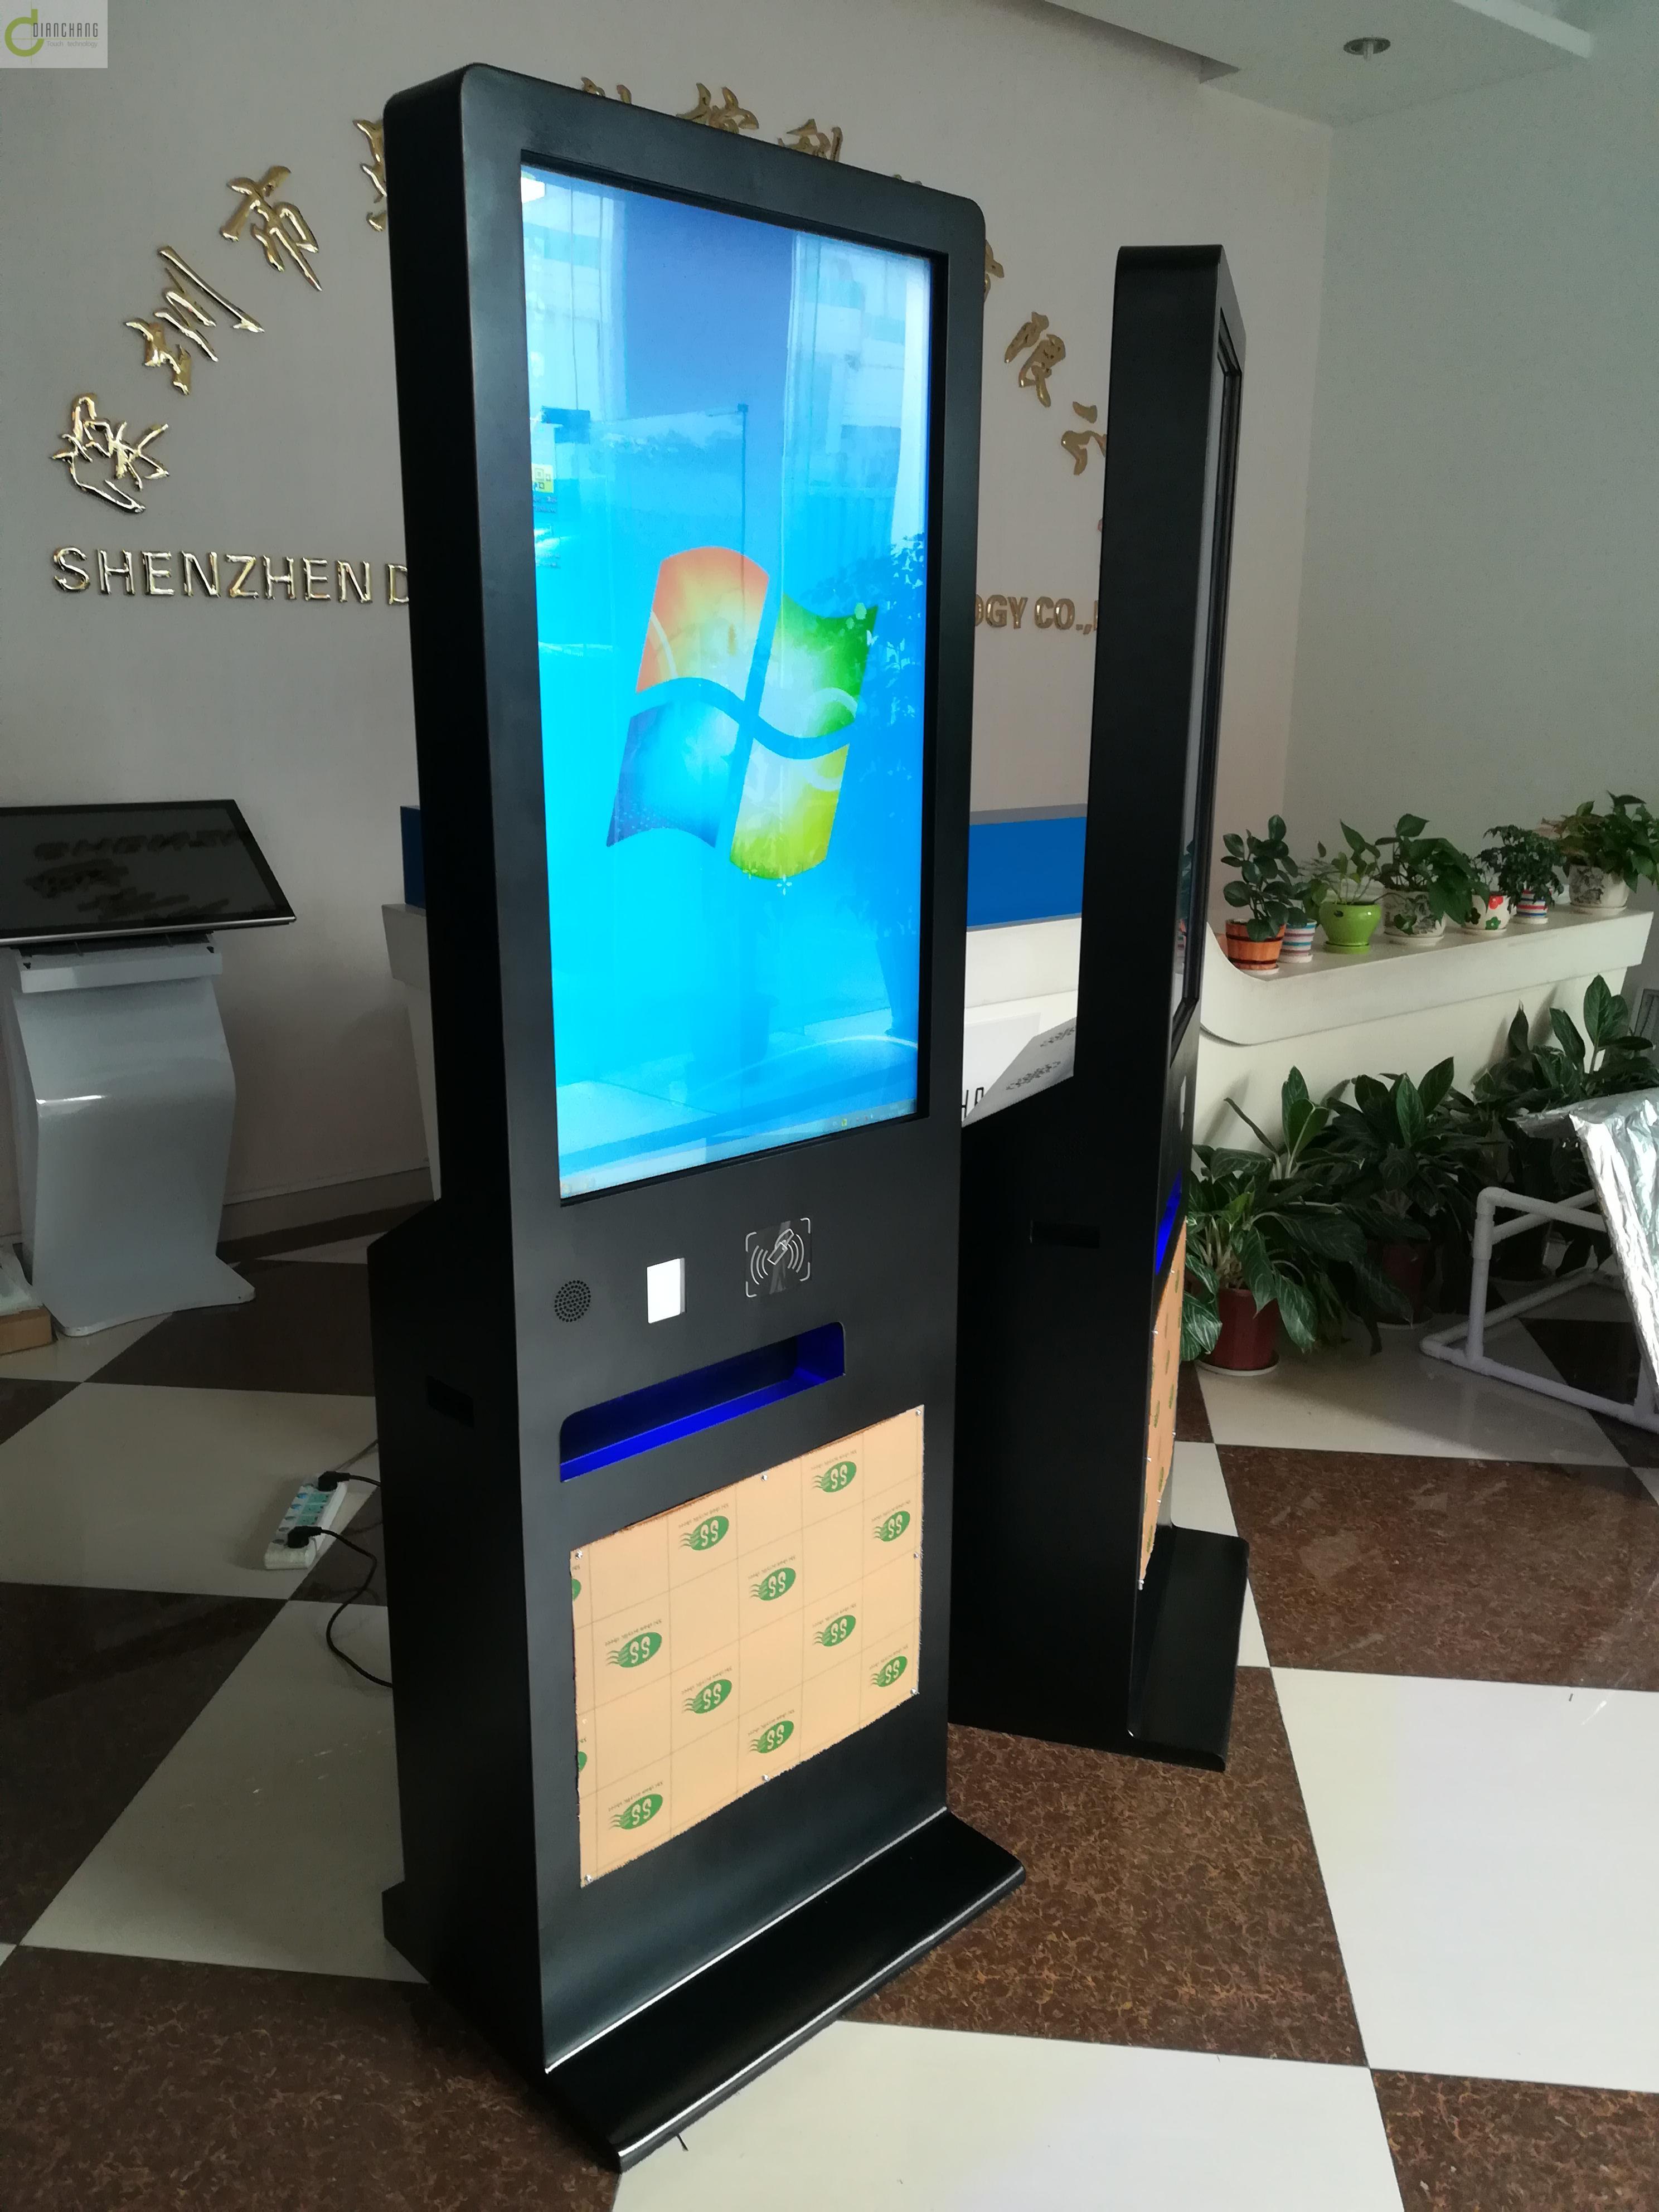 影院在线自动自助触摸屏售票机二维码扫描打印电影票灯箱广告宣传